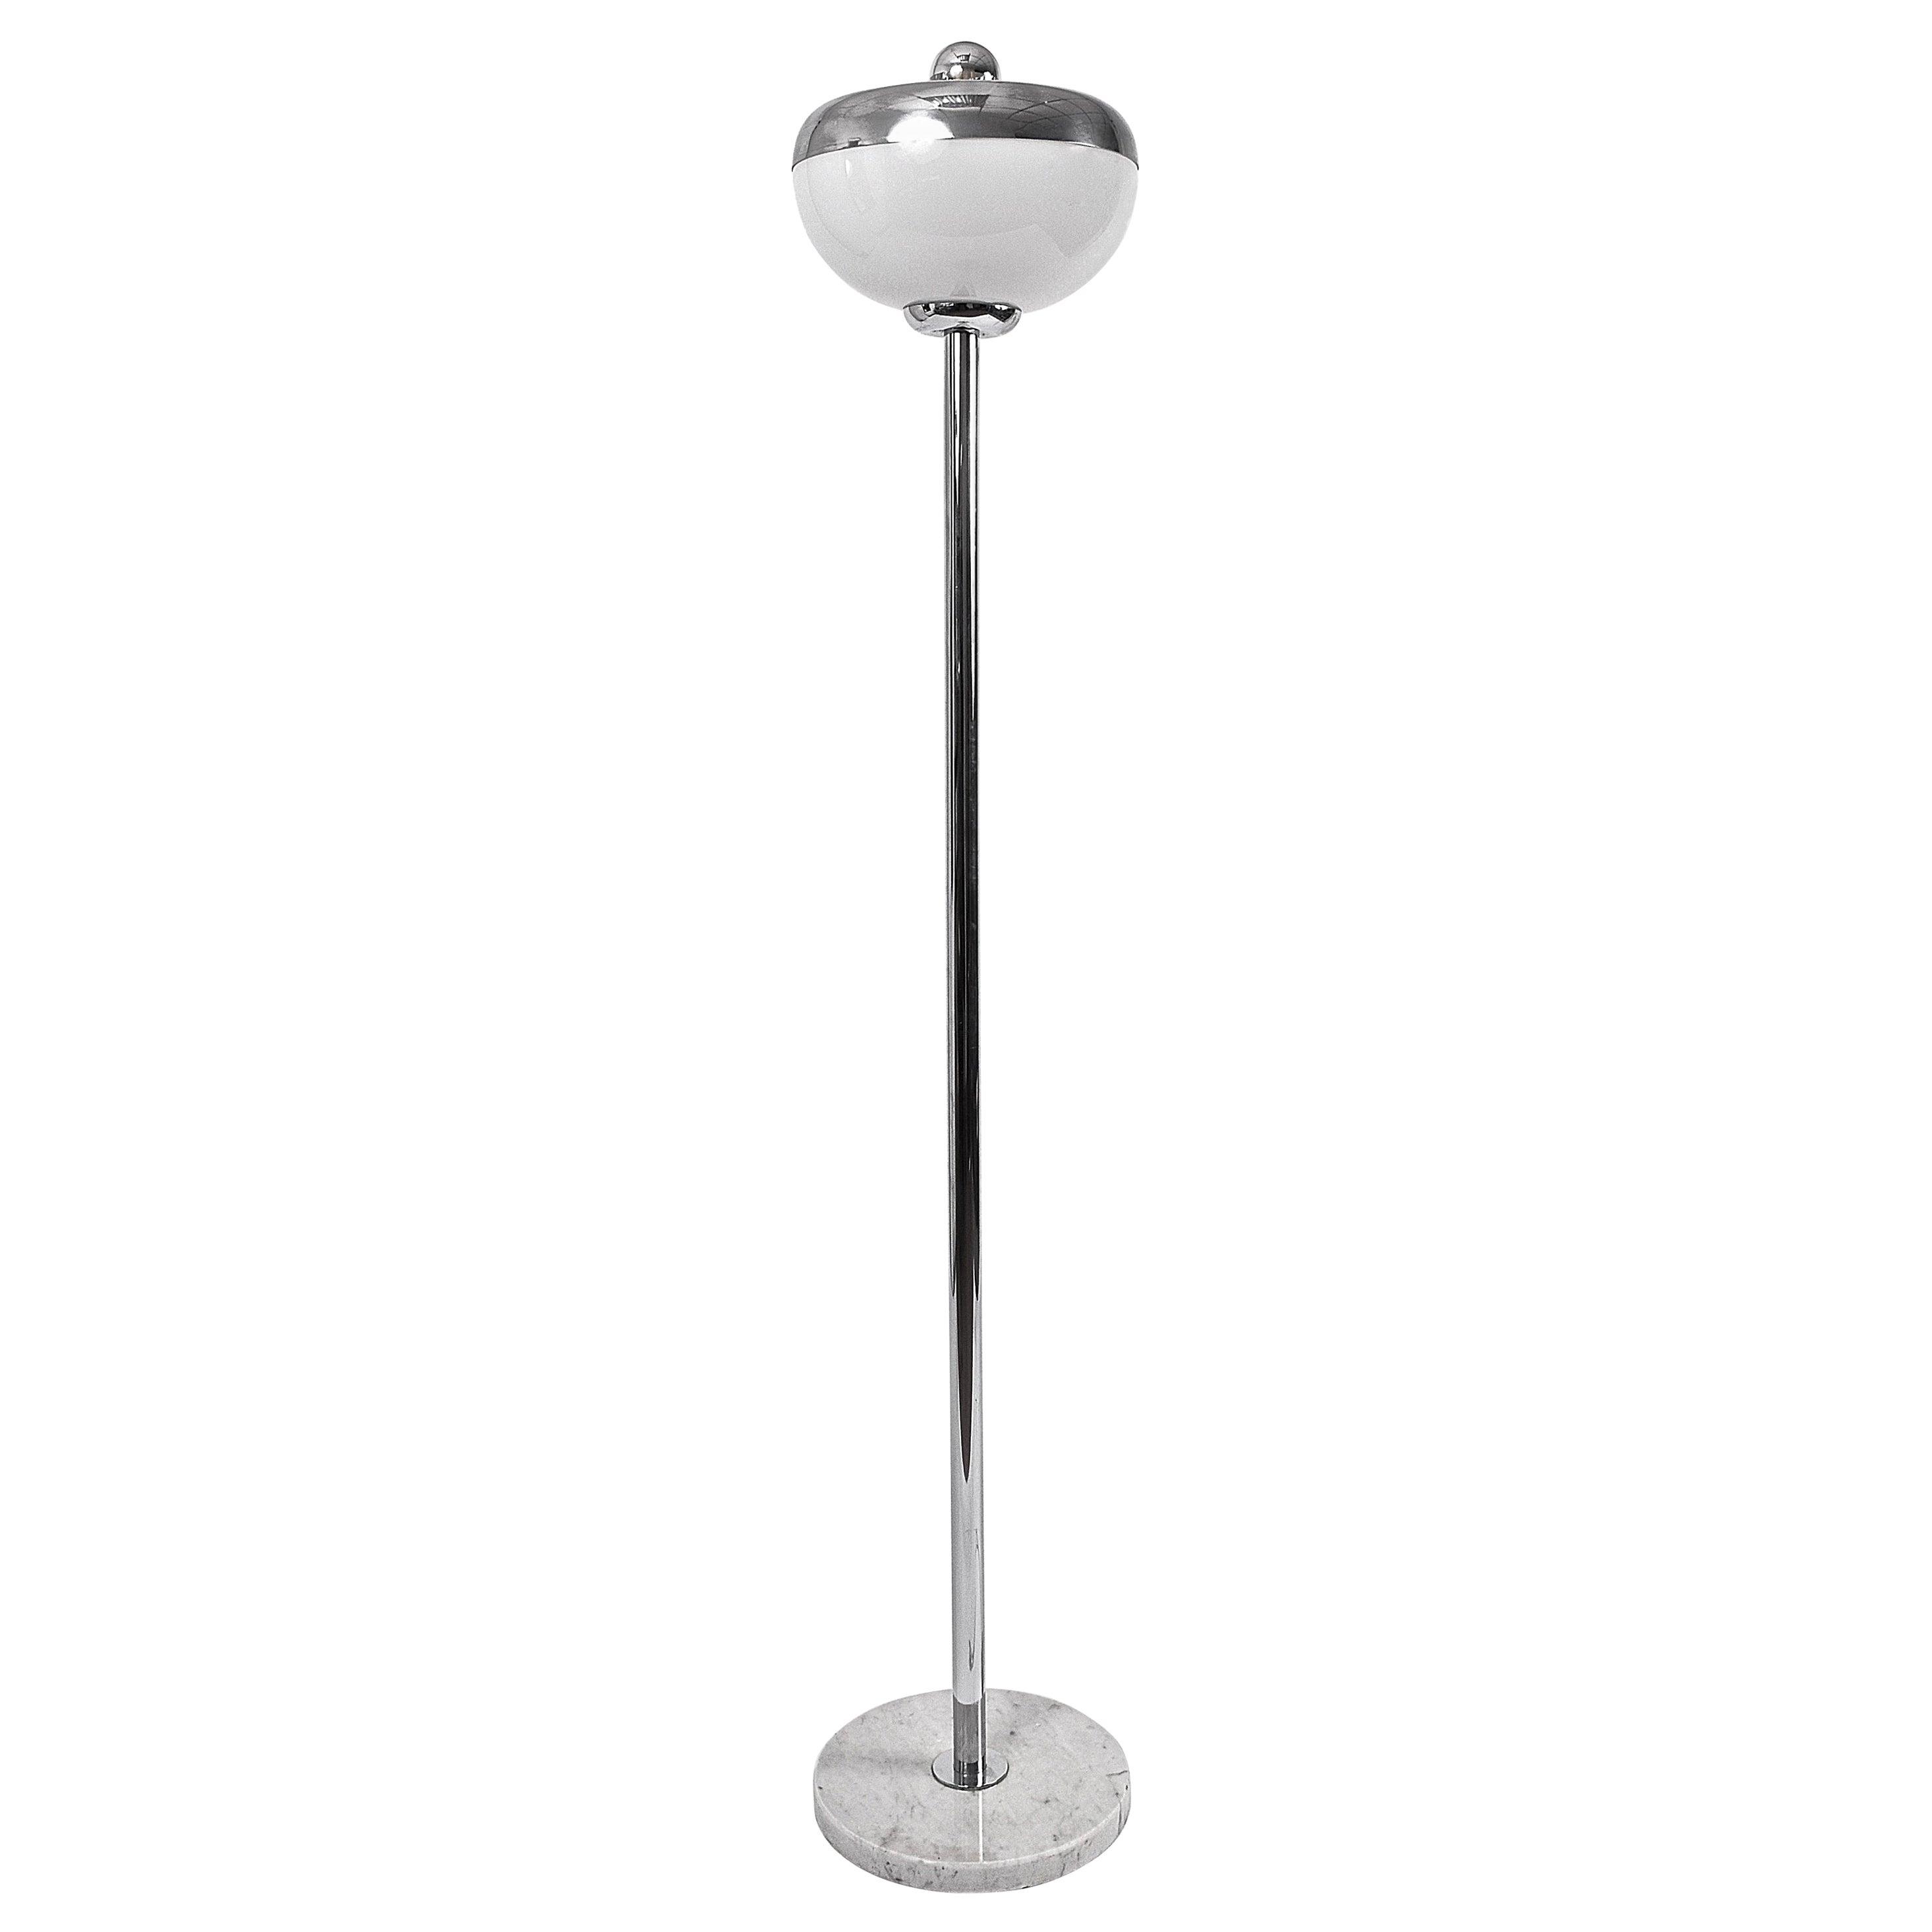 Midcentury Metal, Aluminium and Carrara Marble Base Italian Floor Lamp, 1970s